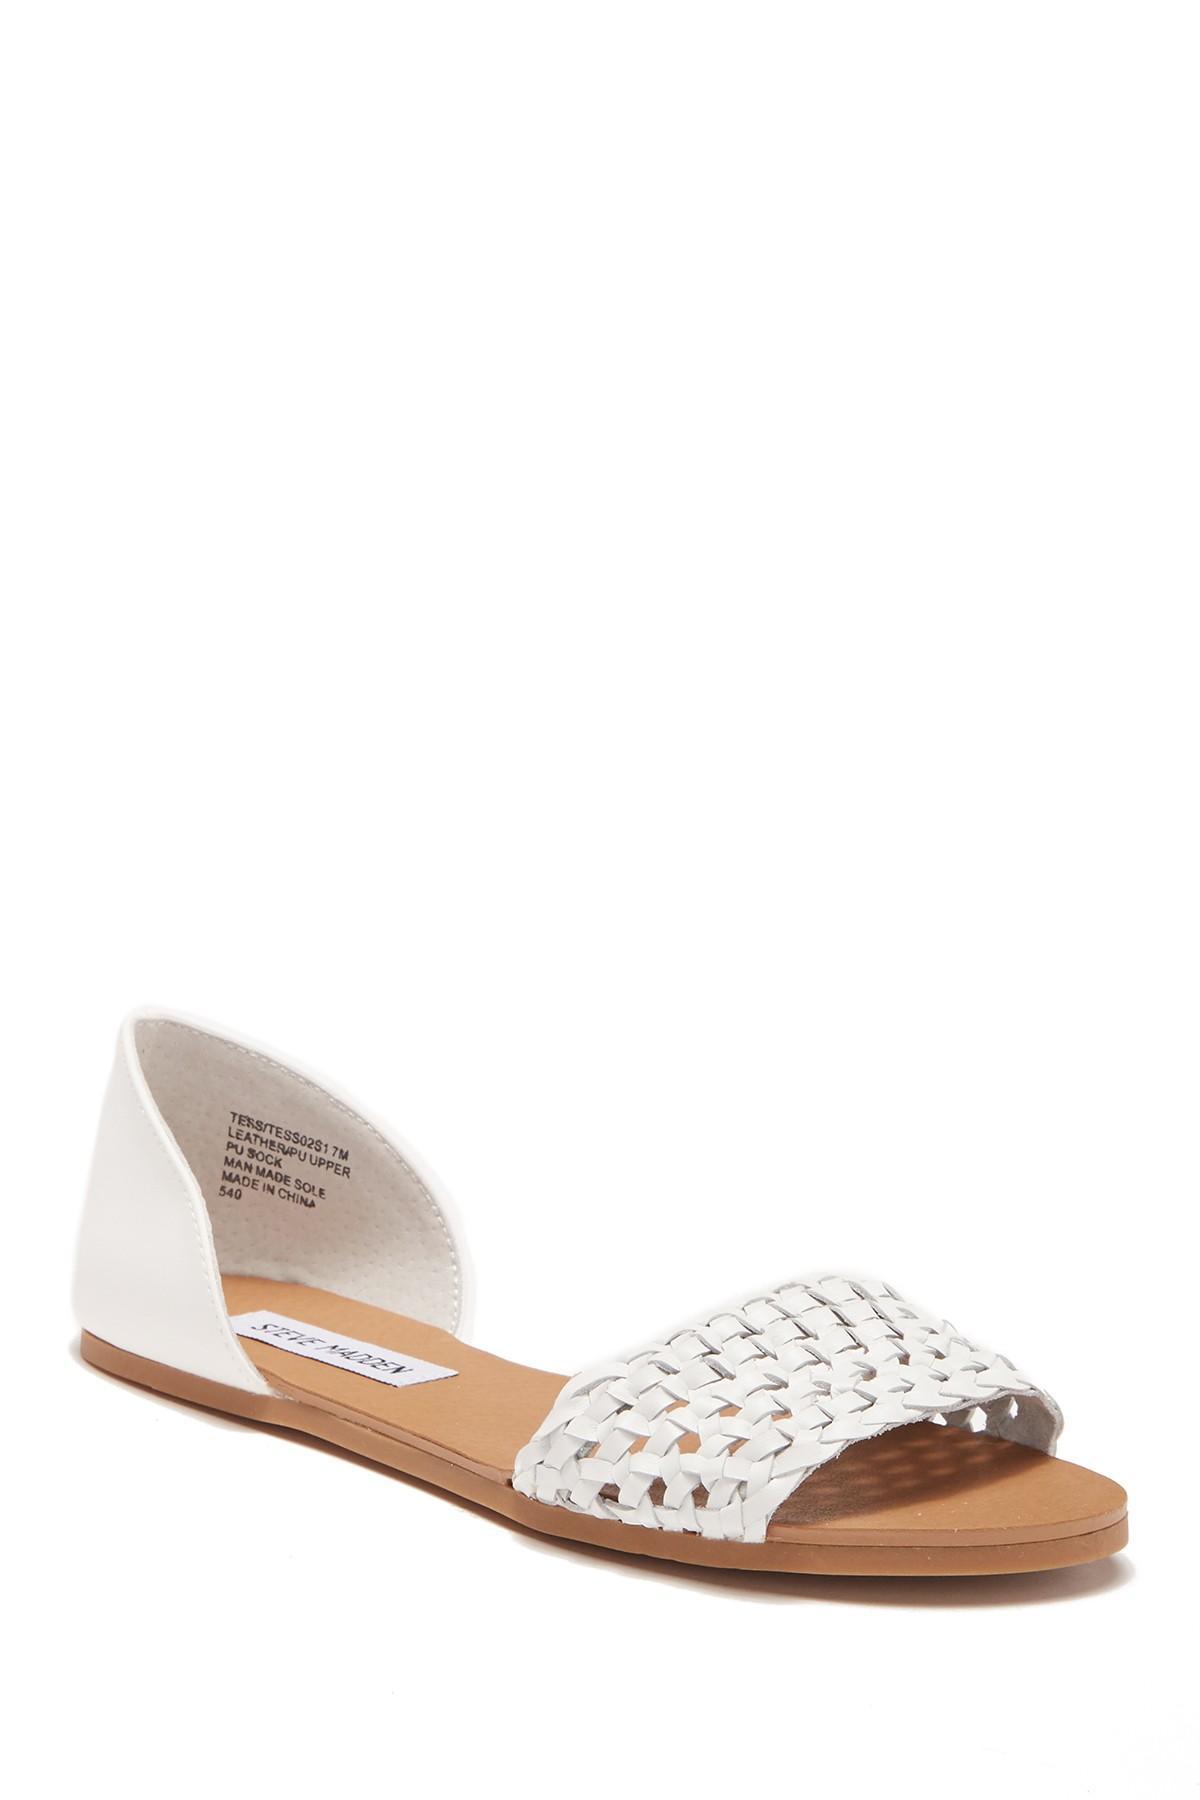 87ce0b806e4 Lyst - Steve Madden Tess Leather Sandal in White